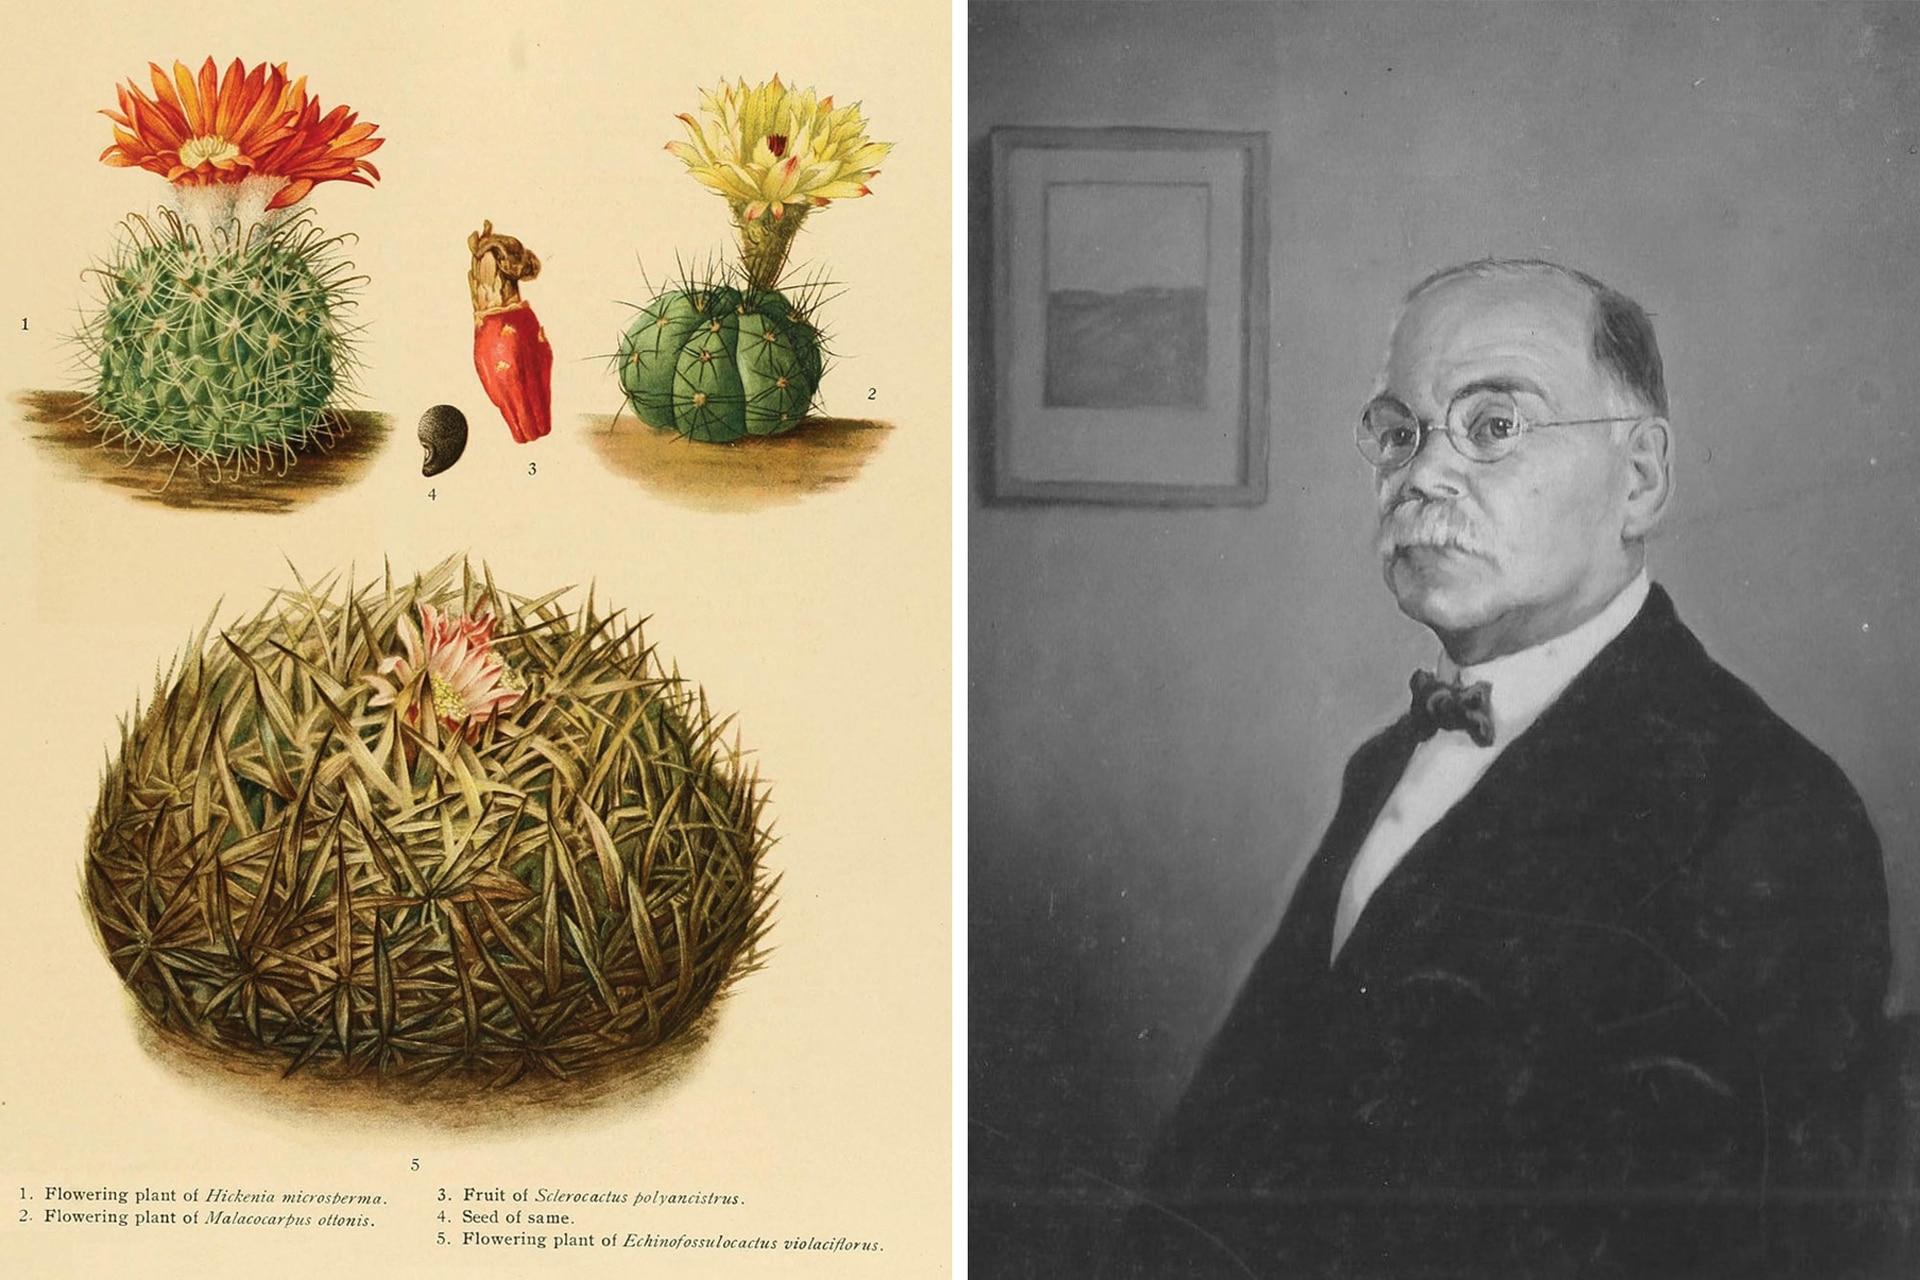 Ilustración de el género Hickenia (izquierda), planta que debe su nombre al botánico argentino Cristóbal Hicken (derecha), aunque solo una especie corresponde a un cactus nativo.